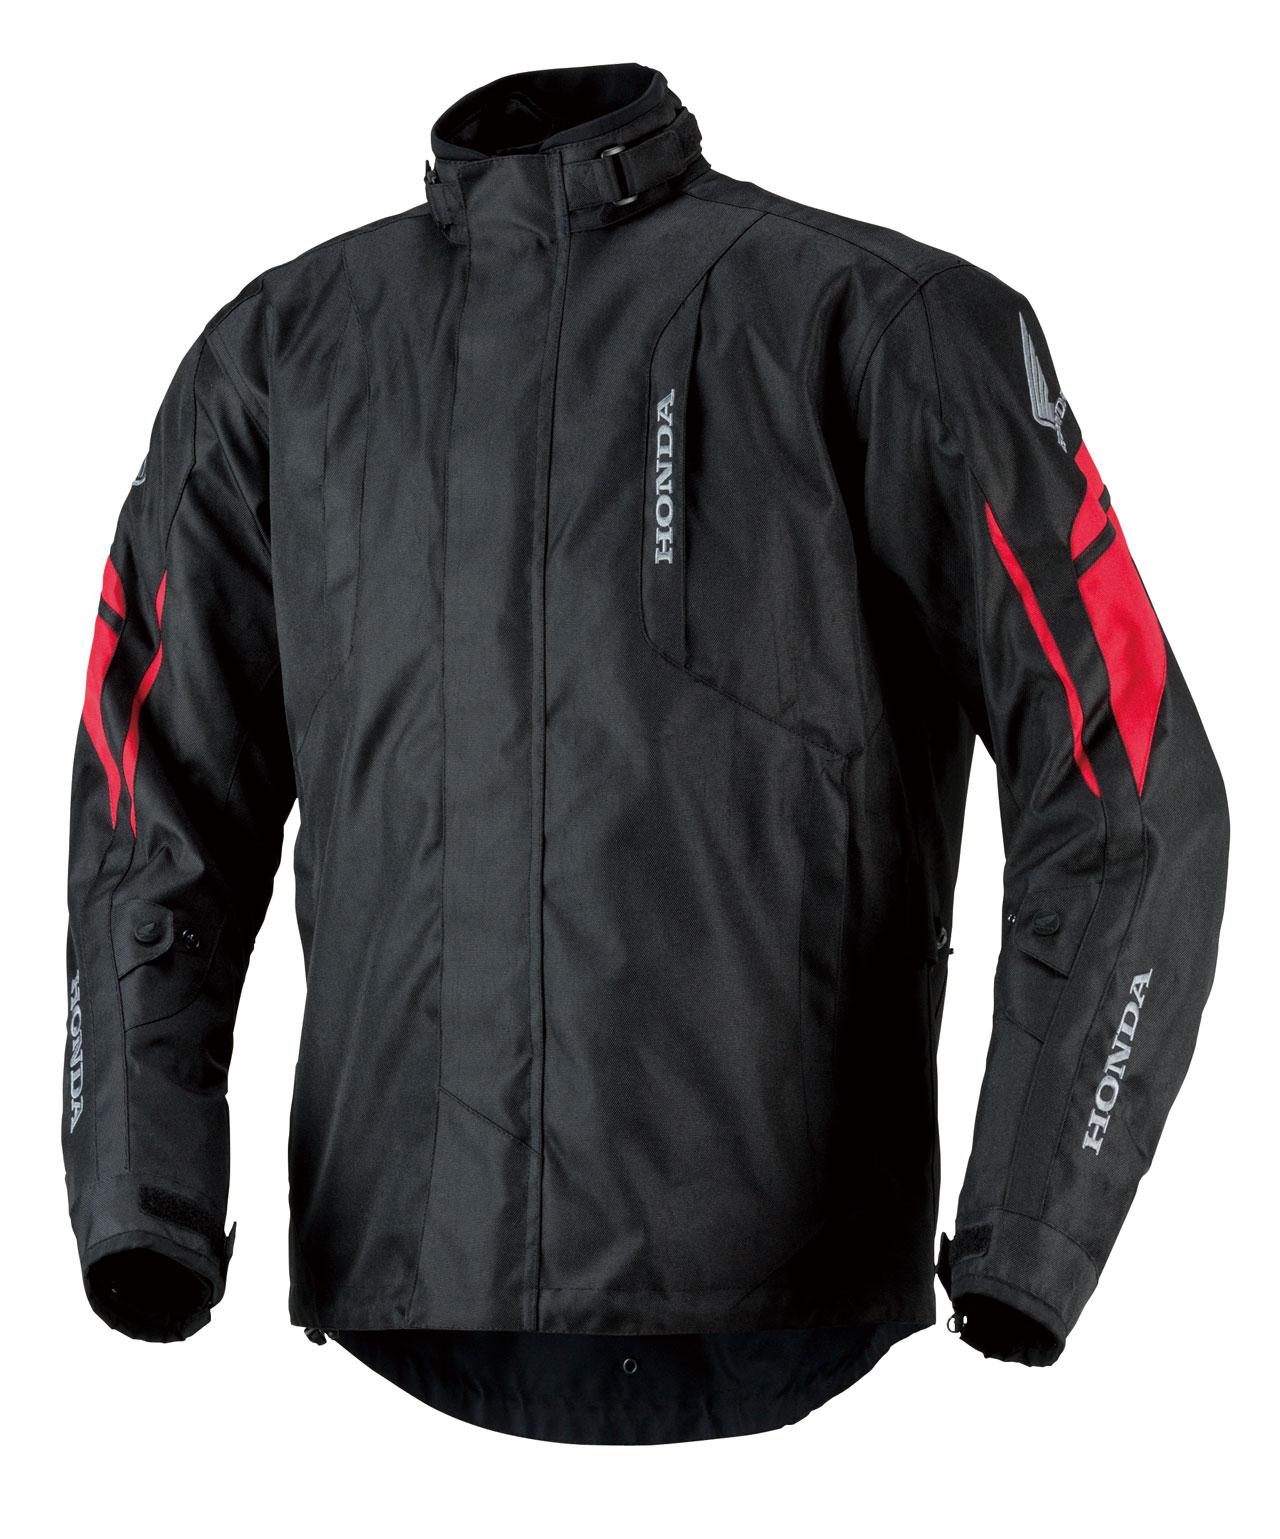 A/W冬季騎士外套